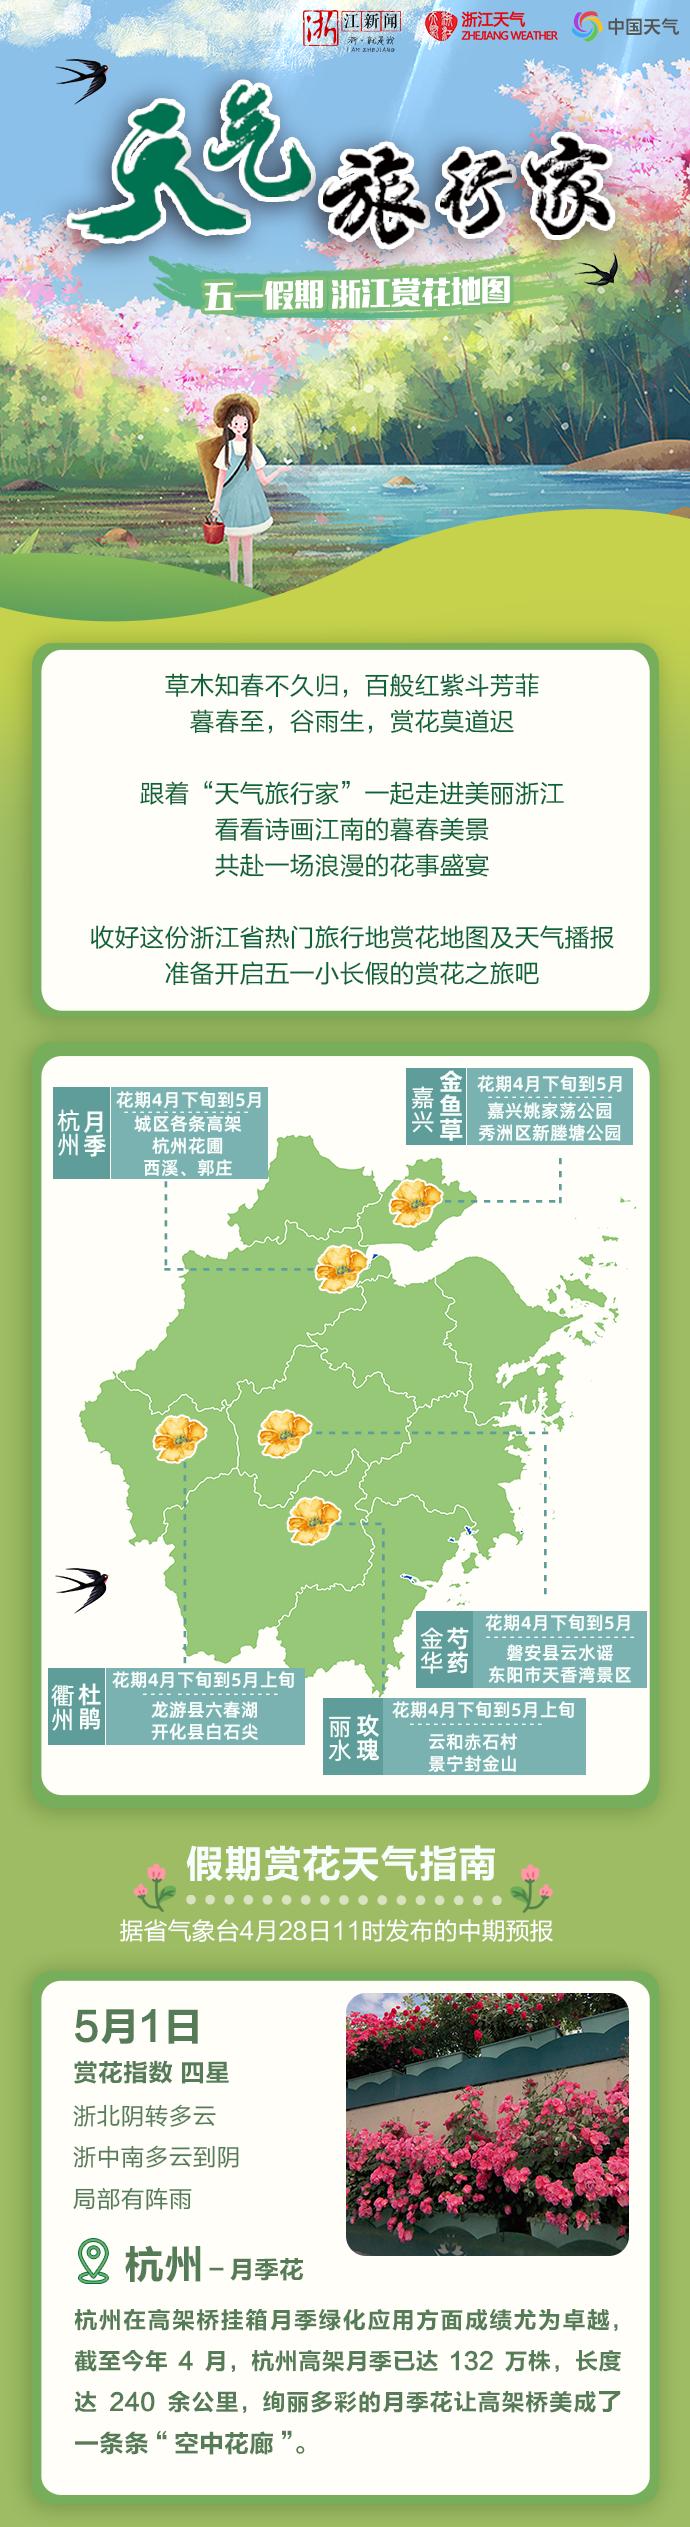 浙江赏花地图(0422)_01.png